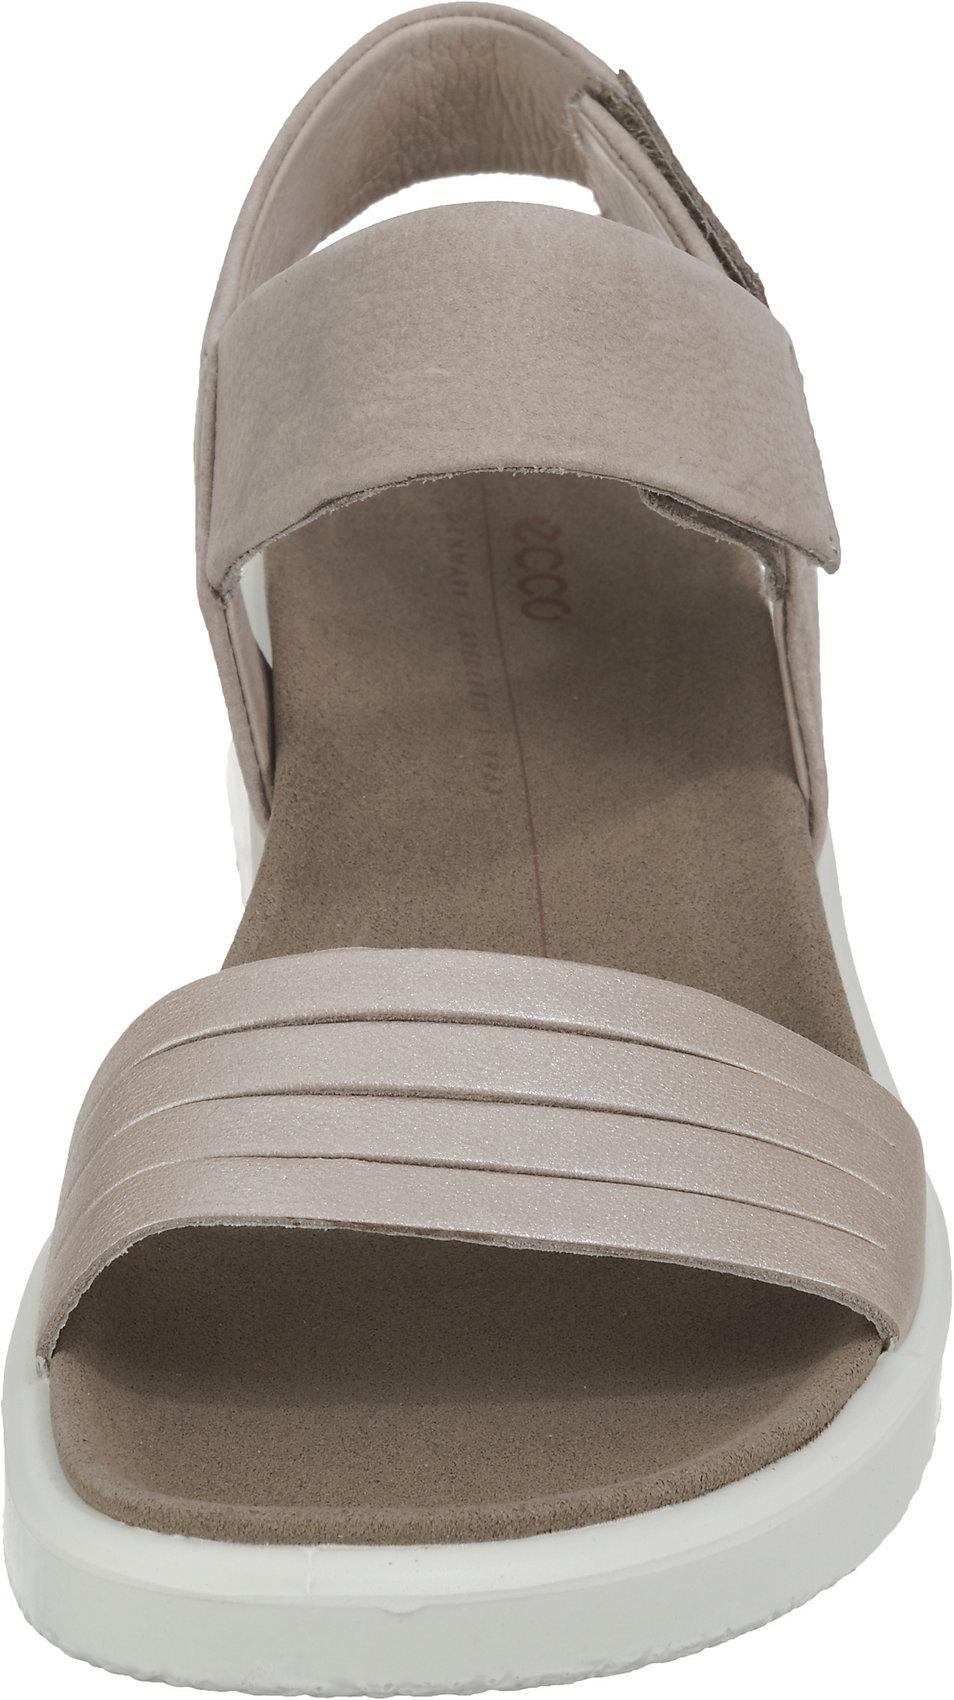 Neu ECCO FLOWT FLOWT FLOWT W Komfort-Sandalen 10620420 für Damen 00b64e